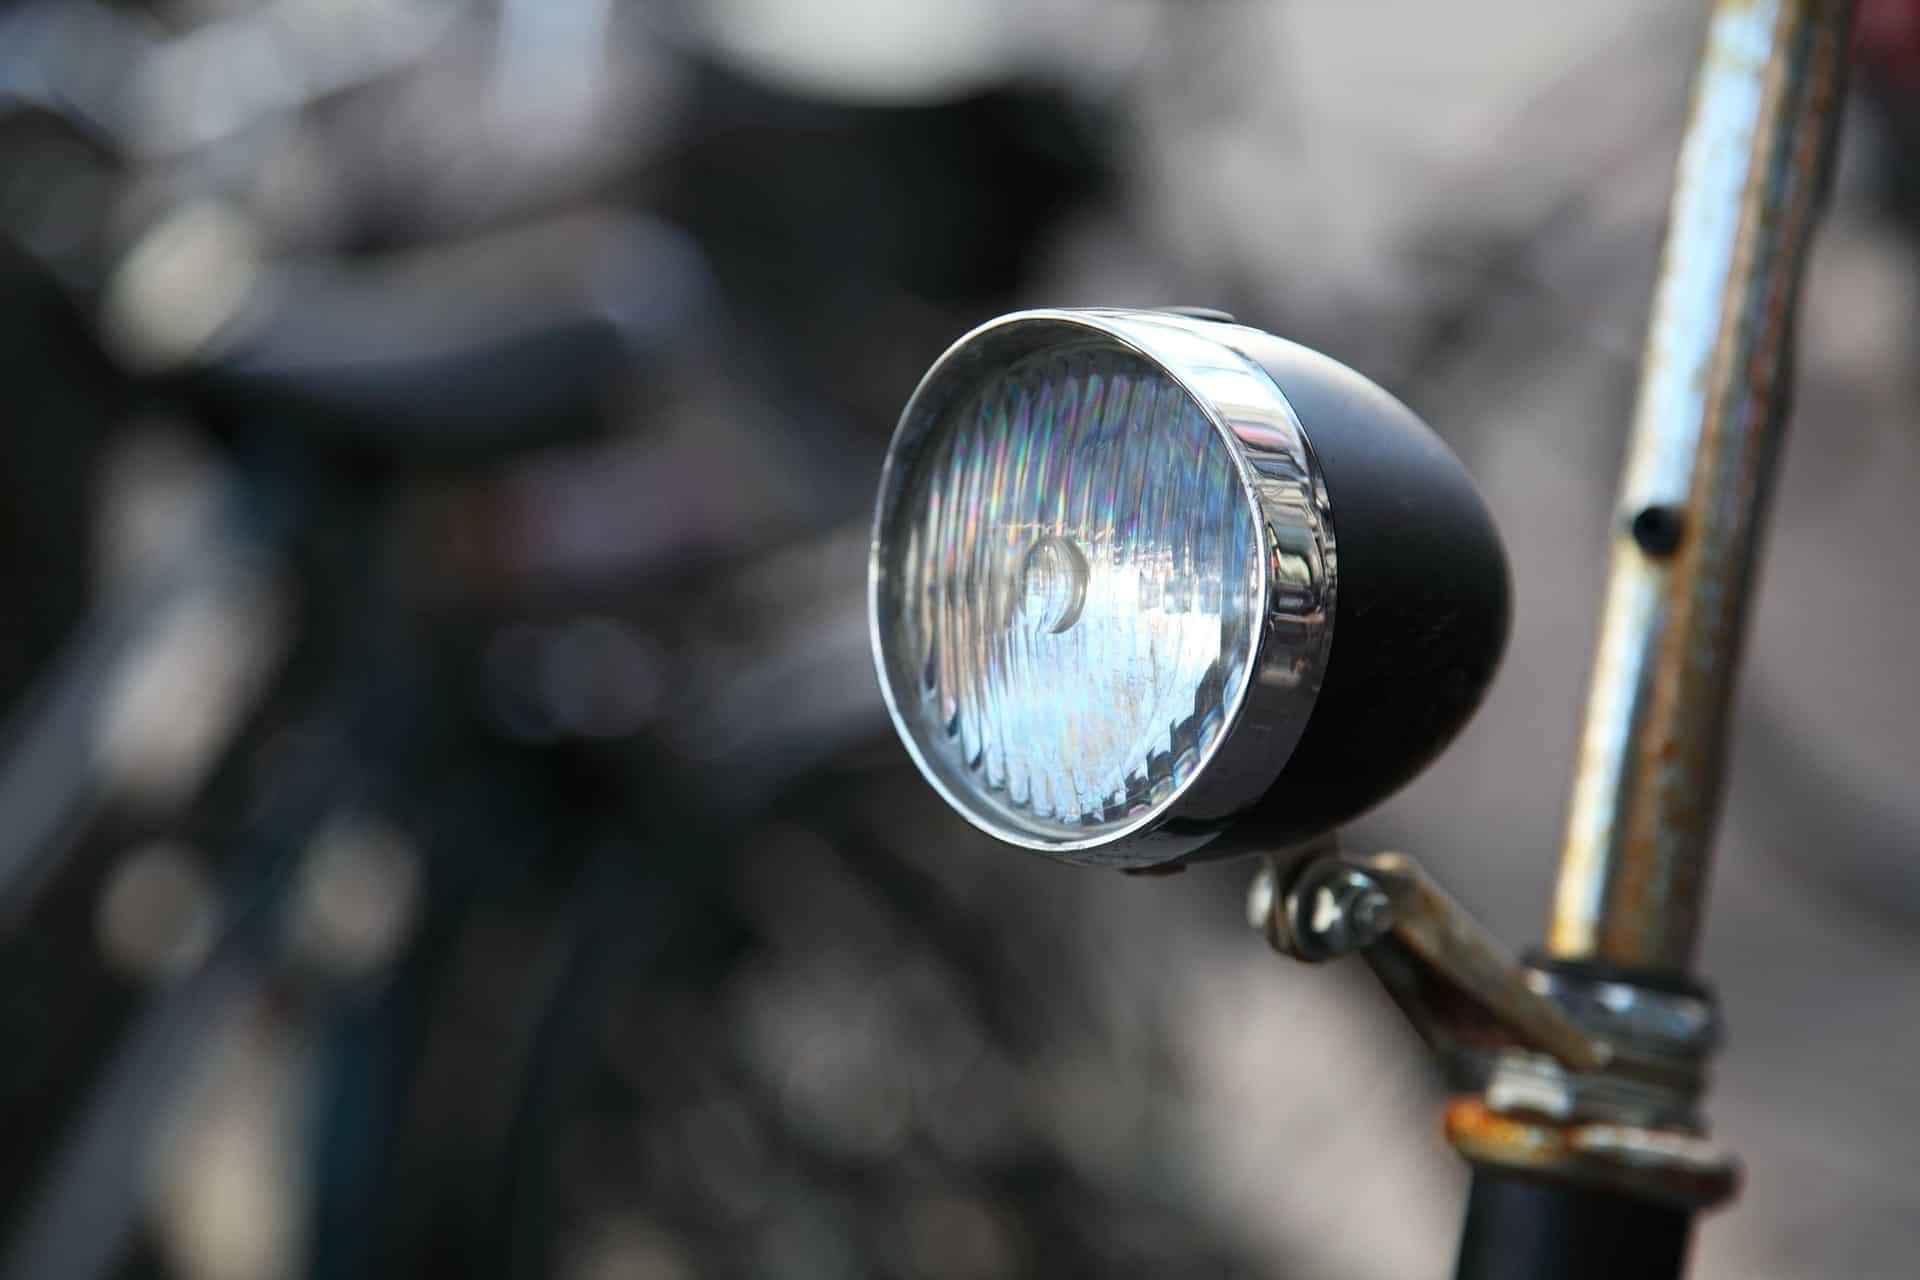 Fahrradbeleuchtung: Test & Empfehlungen (01/20)